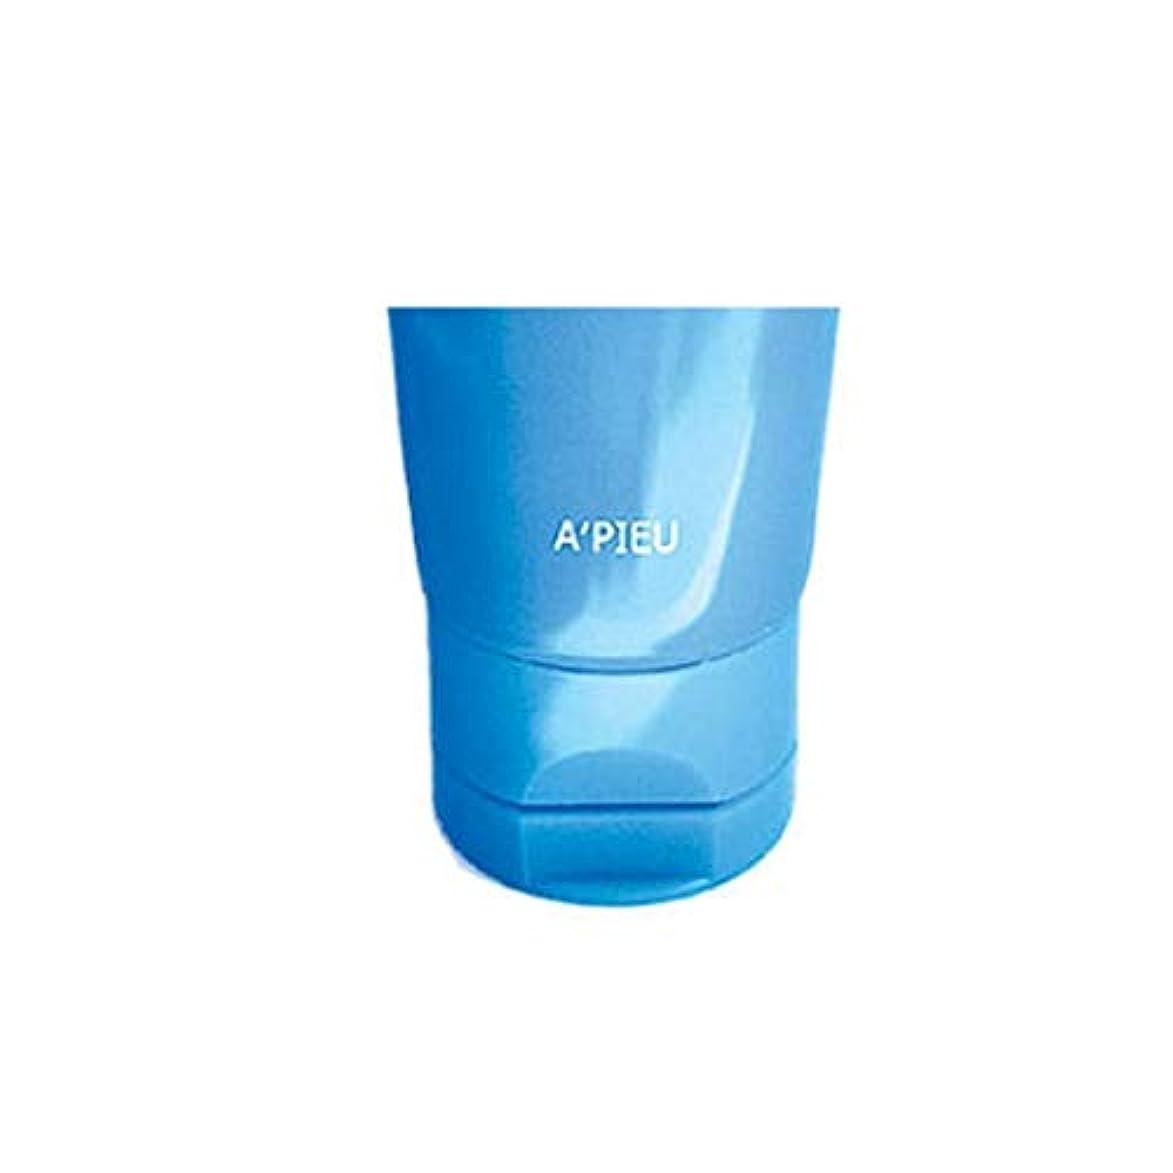 構築する大人愛情深いオピュディープクリーンフォームクレンザー130mlx2本セット韓国コスメ、A'pieu Deep Clean Foam Cleanser 130ml x 2ea Set Korean Cosmetics [並行輸入品]